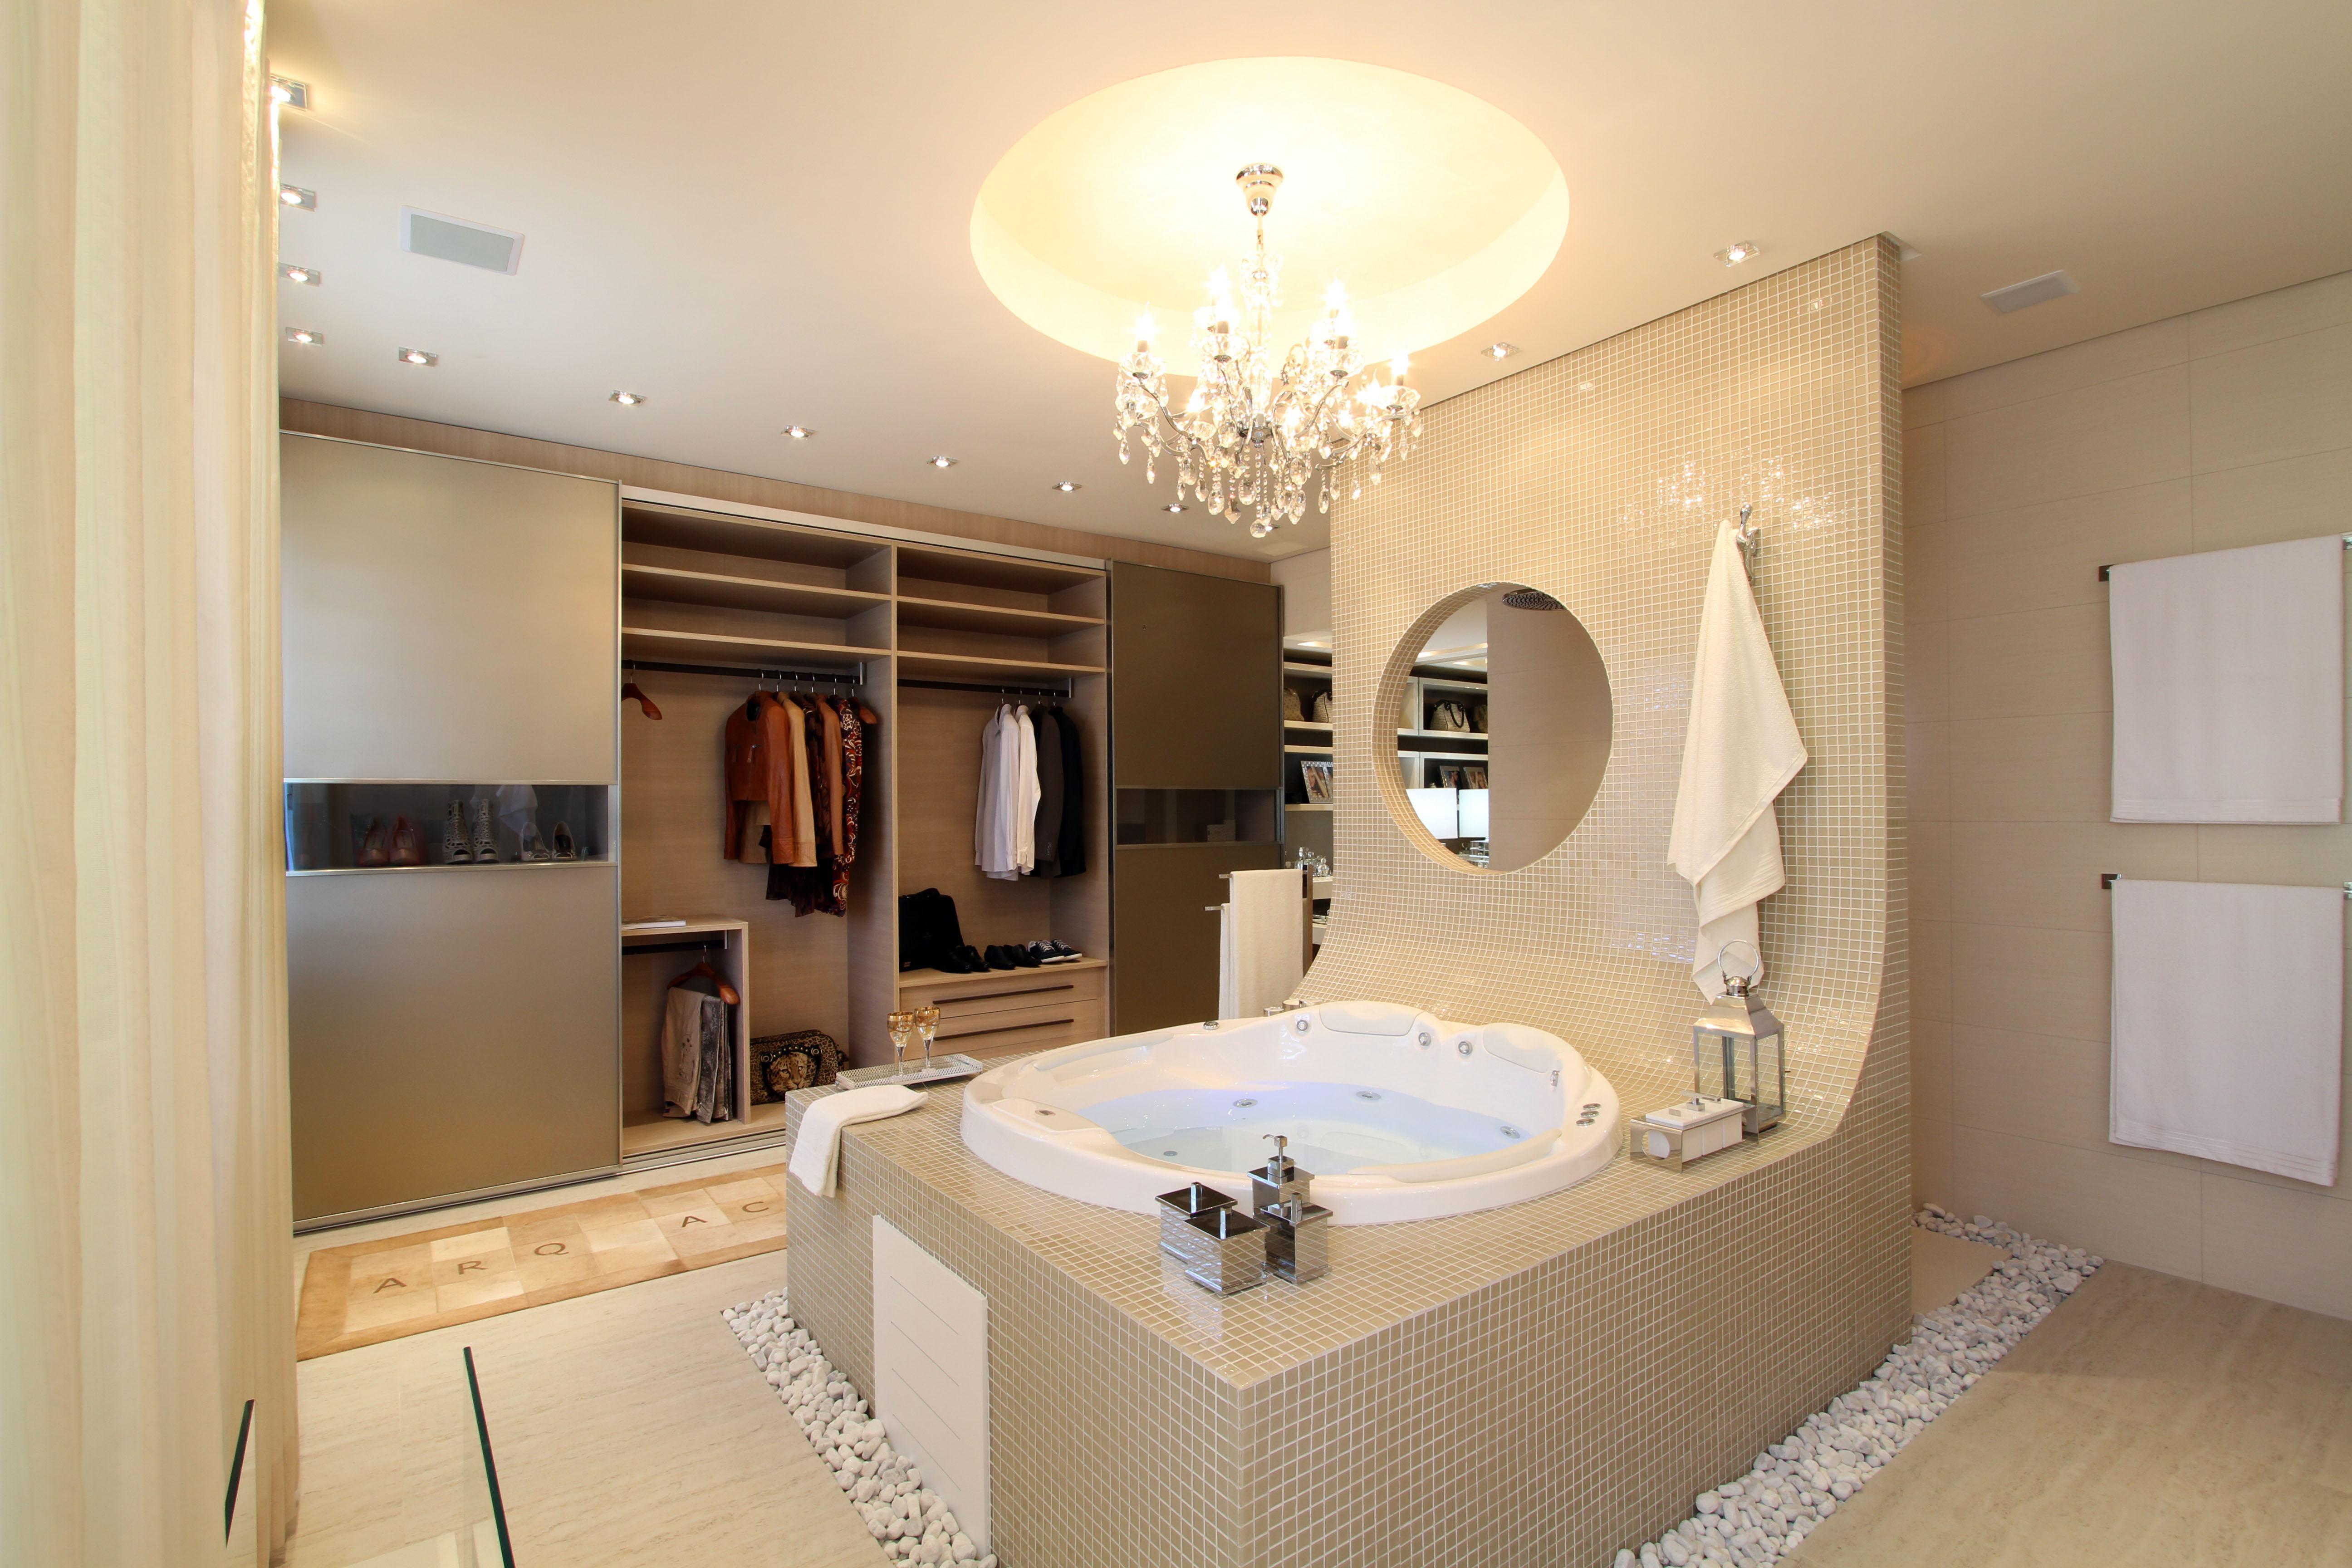 Imagem 60 – É ideal que os pisos sejam revestidos de forma adequada  #946937 5184 3456